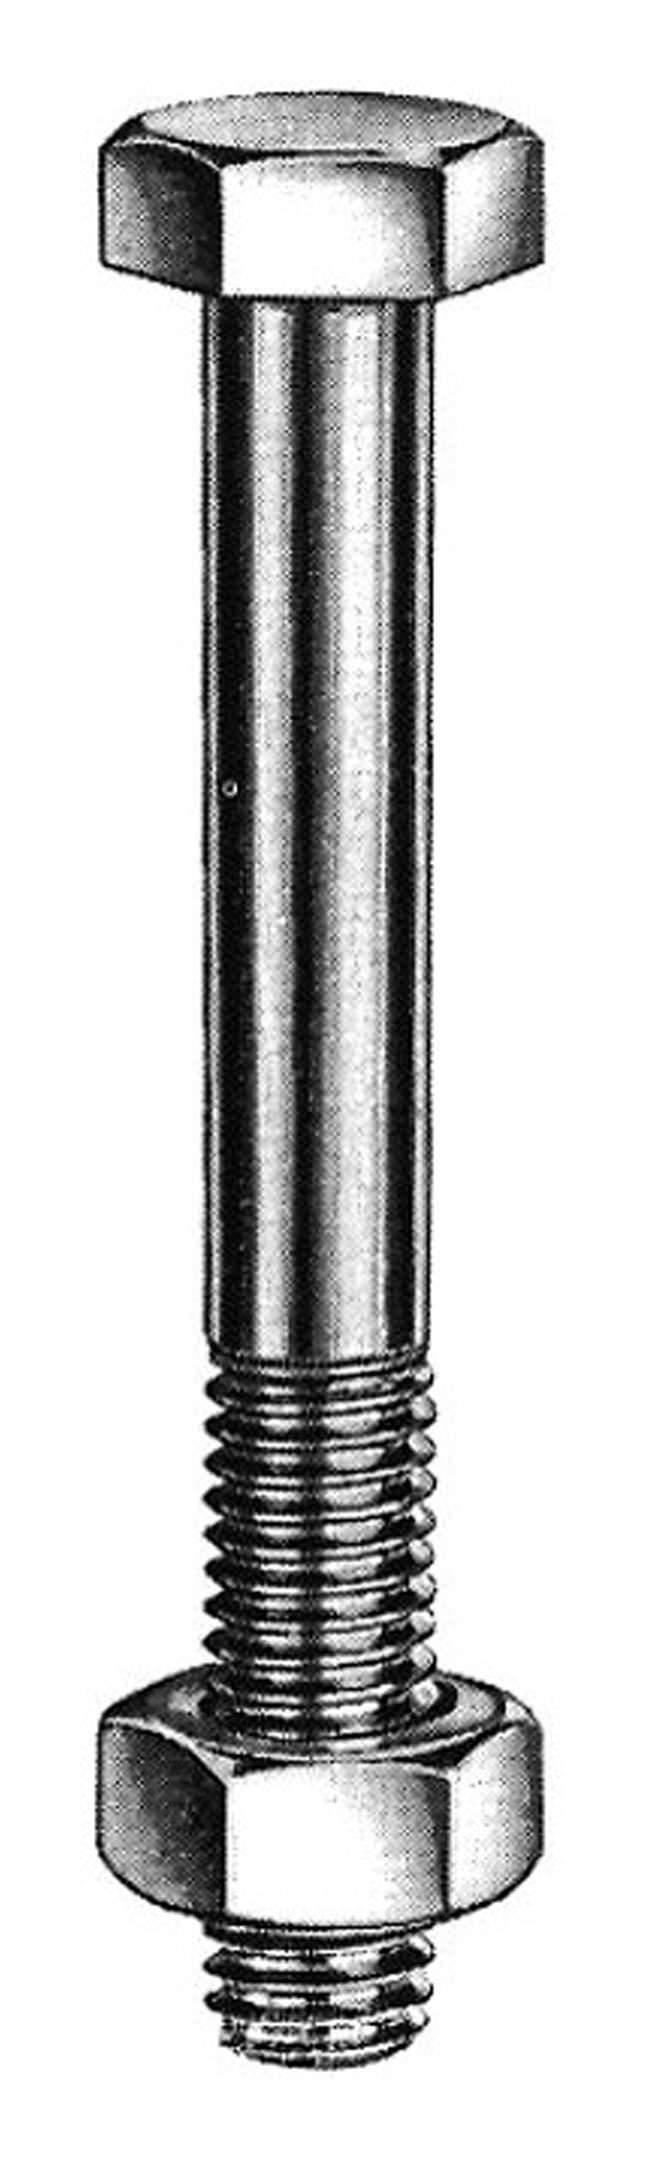 Schraube Bolzen Bauschraube M12 x 160mm mit Mutter